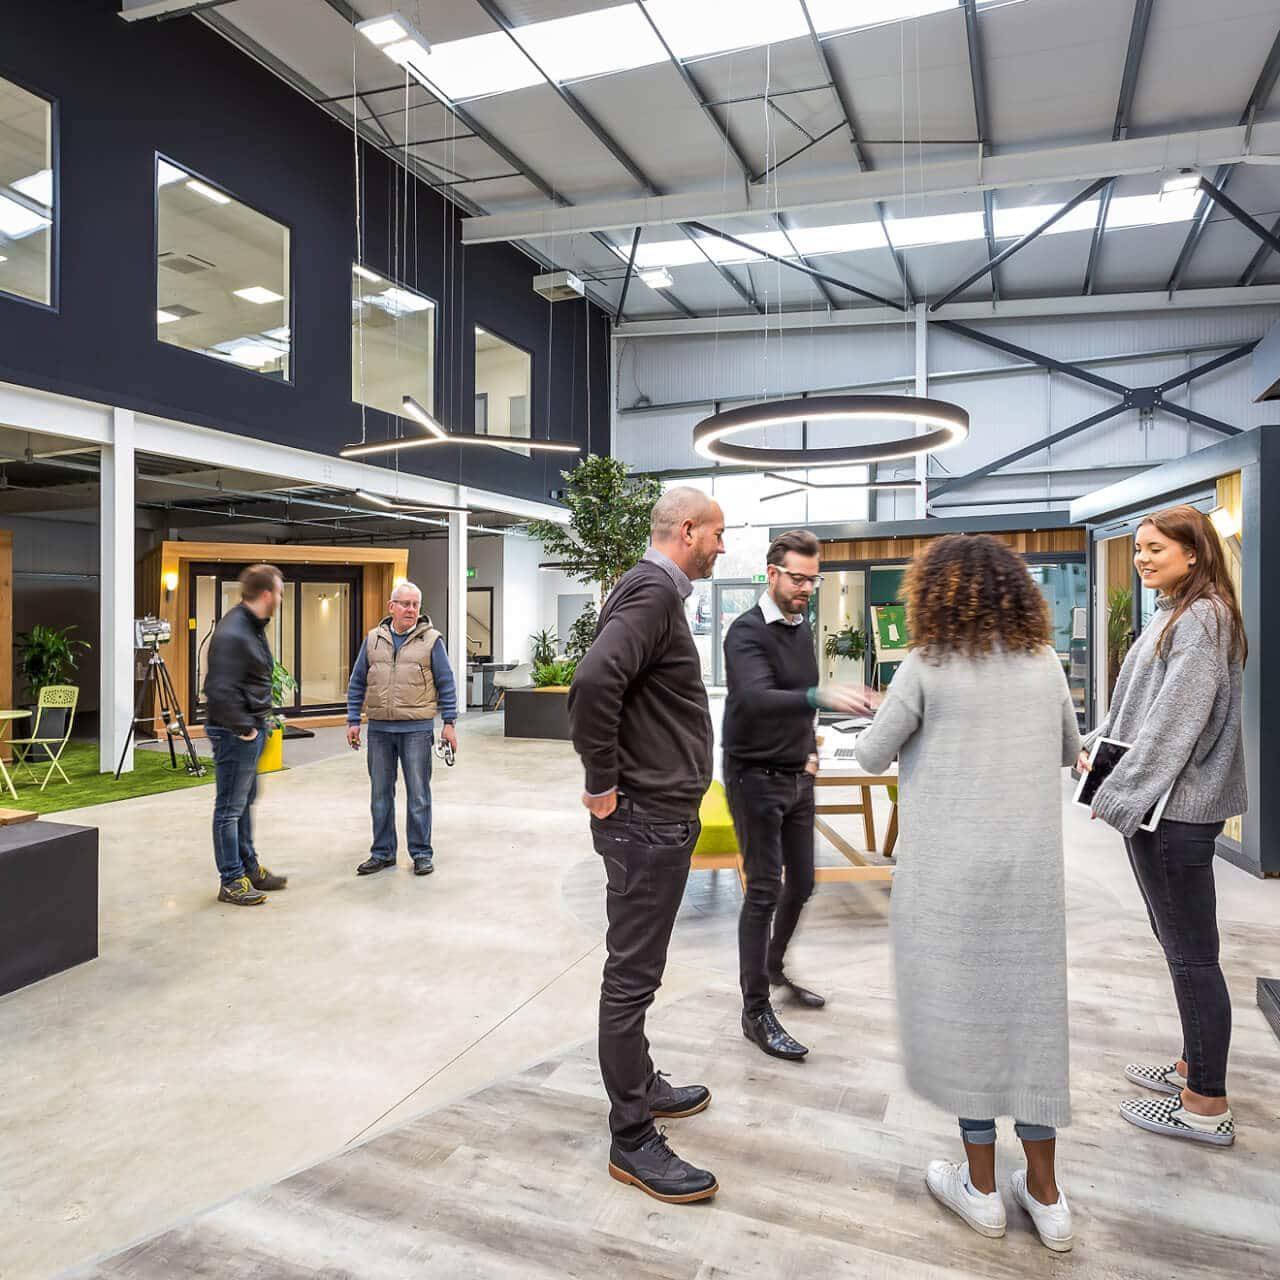 garden-room-showroom-with-customers